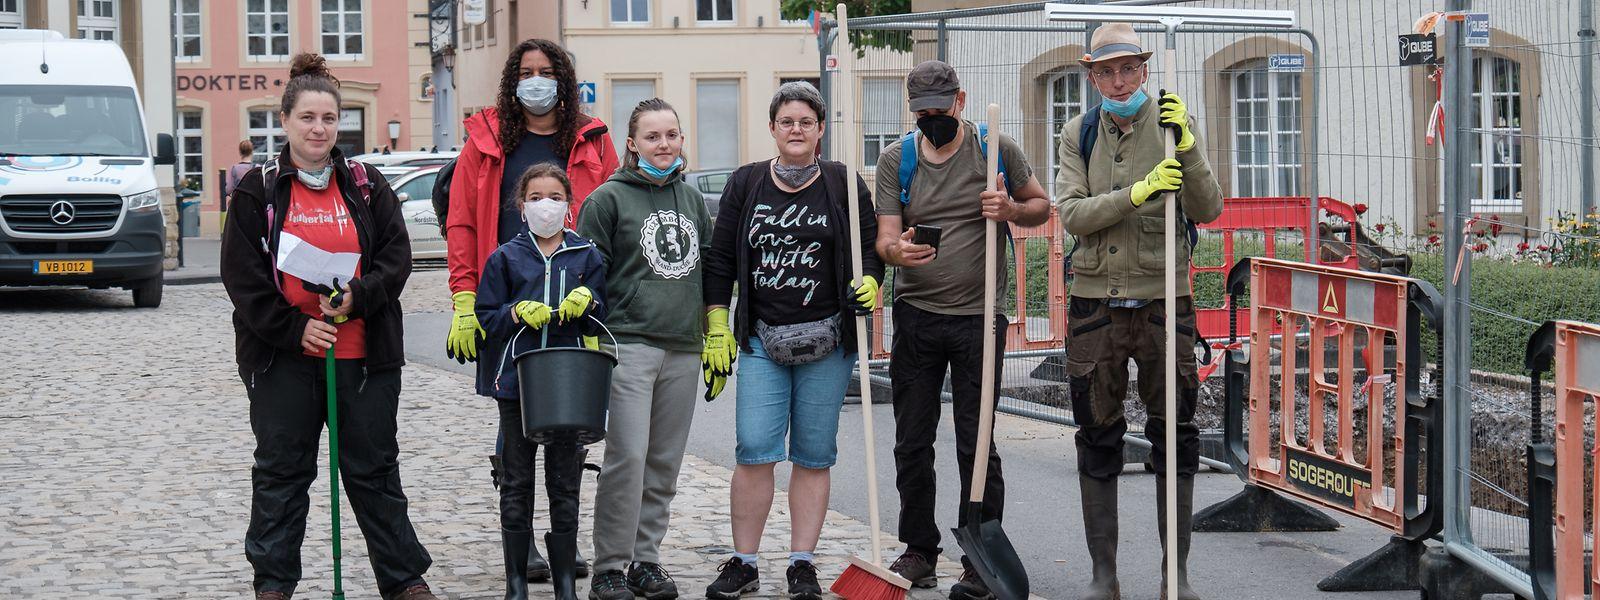 Les volontaires n'ont pas manqué d'affluer vers Echternach pour aider les habitants.